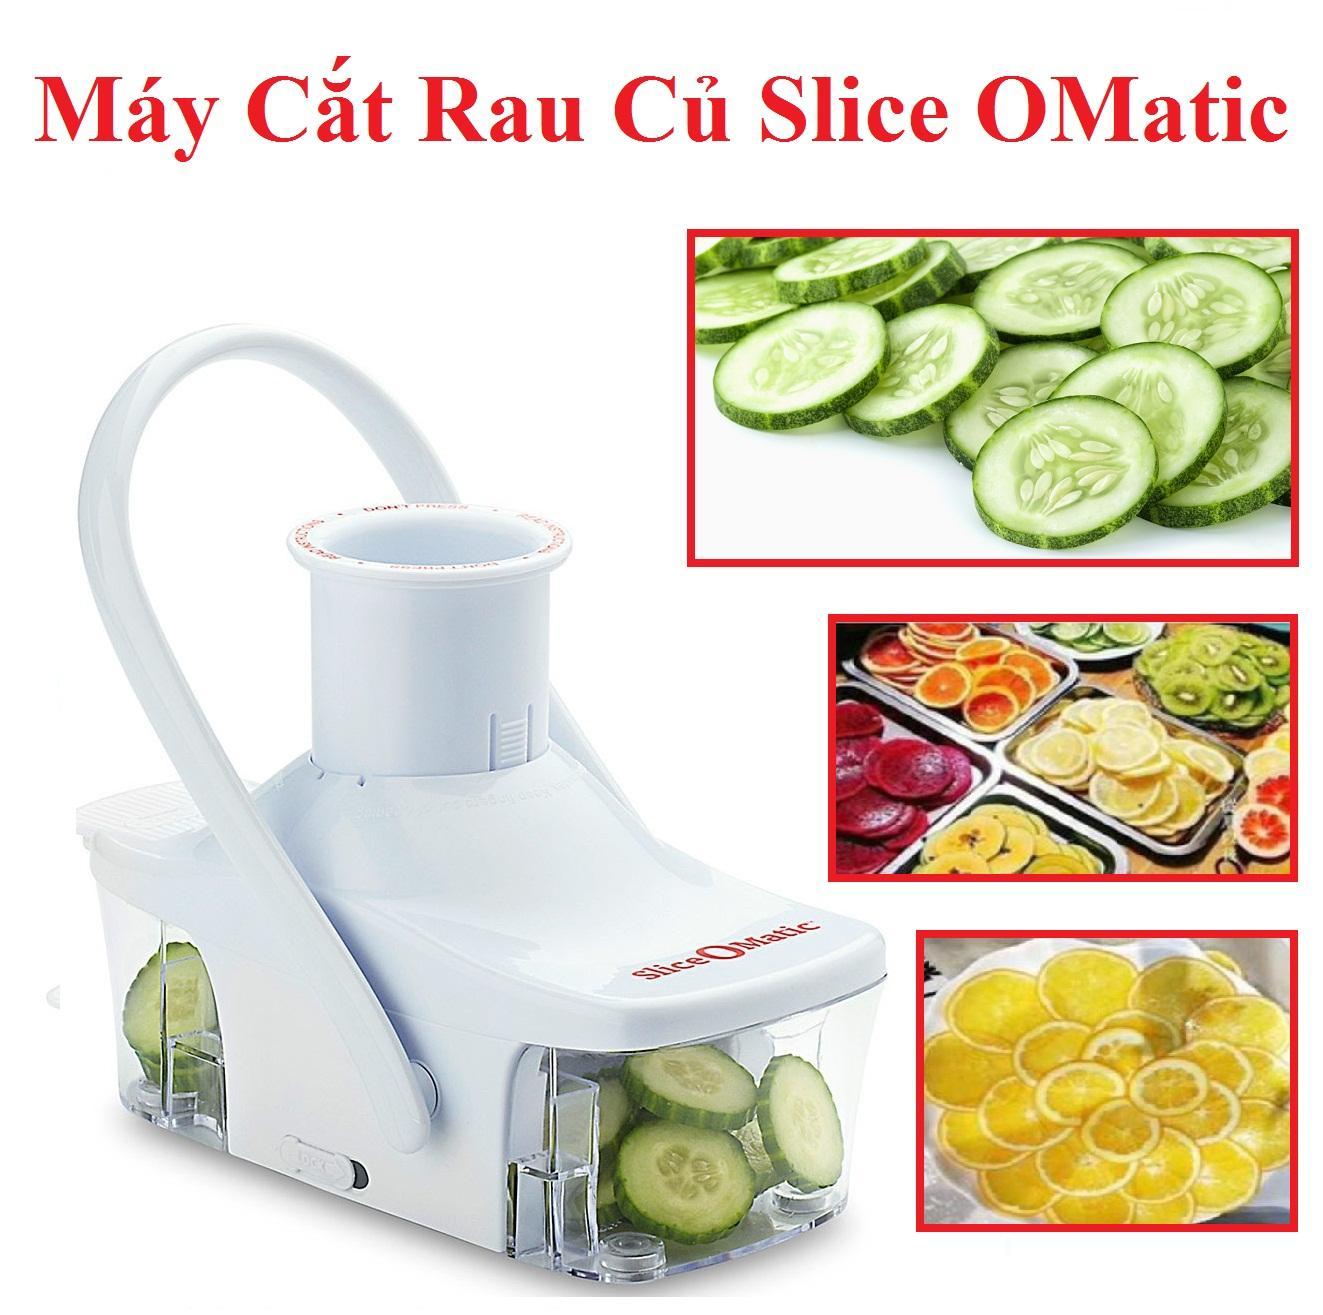 Máy cắt rau củ Slice OMatic cho bạn dễ dàng cắt rau củ, nhanh chóng chuẩn bị cho bữa ăn gia đình.